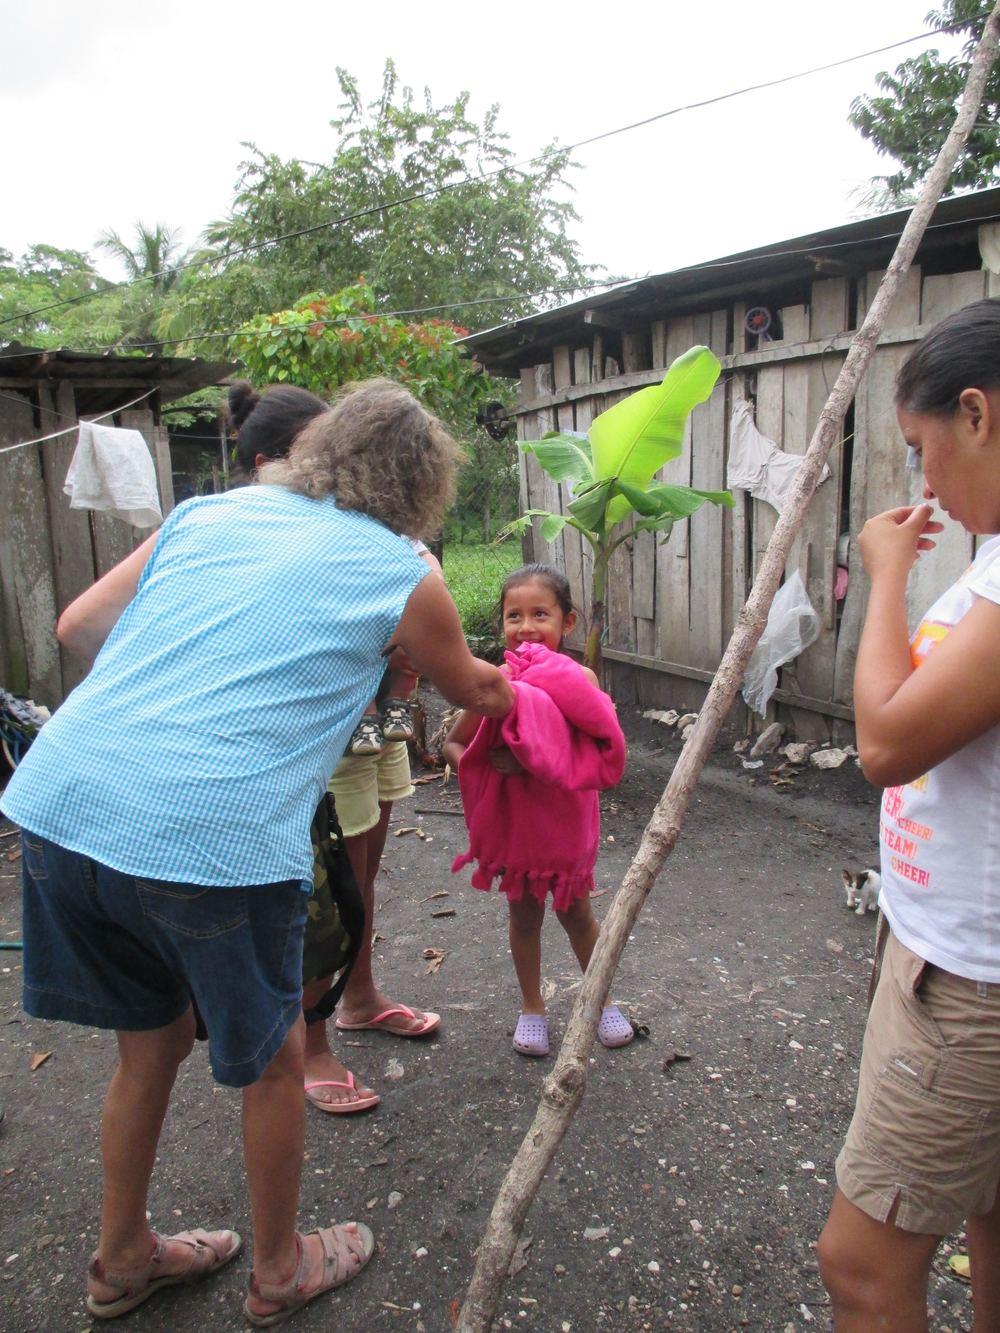 Giving blankets to children in San Ignacio, Belize